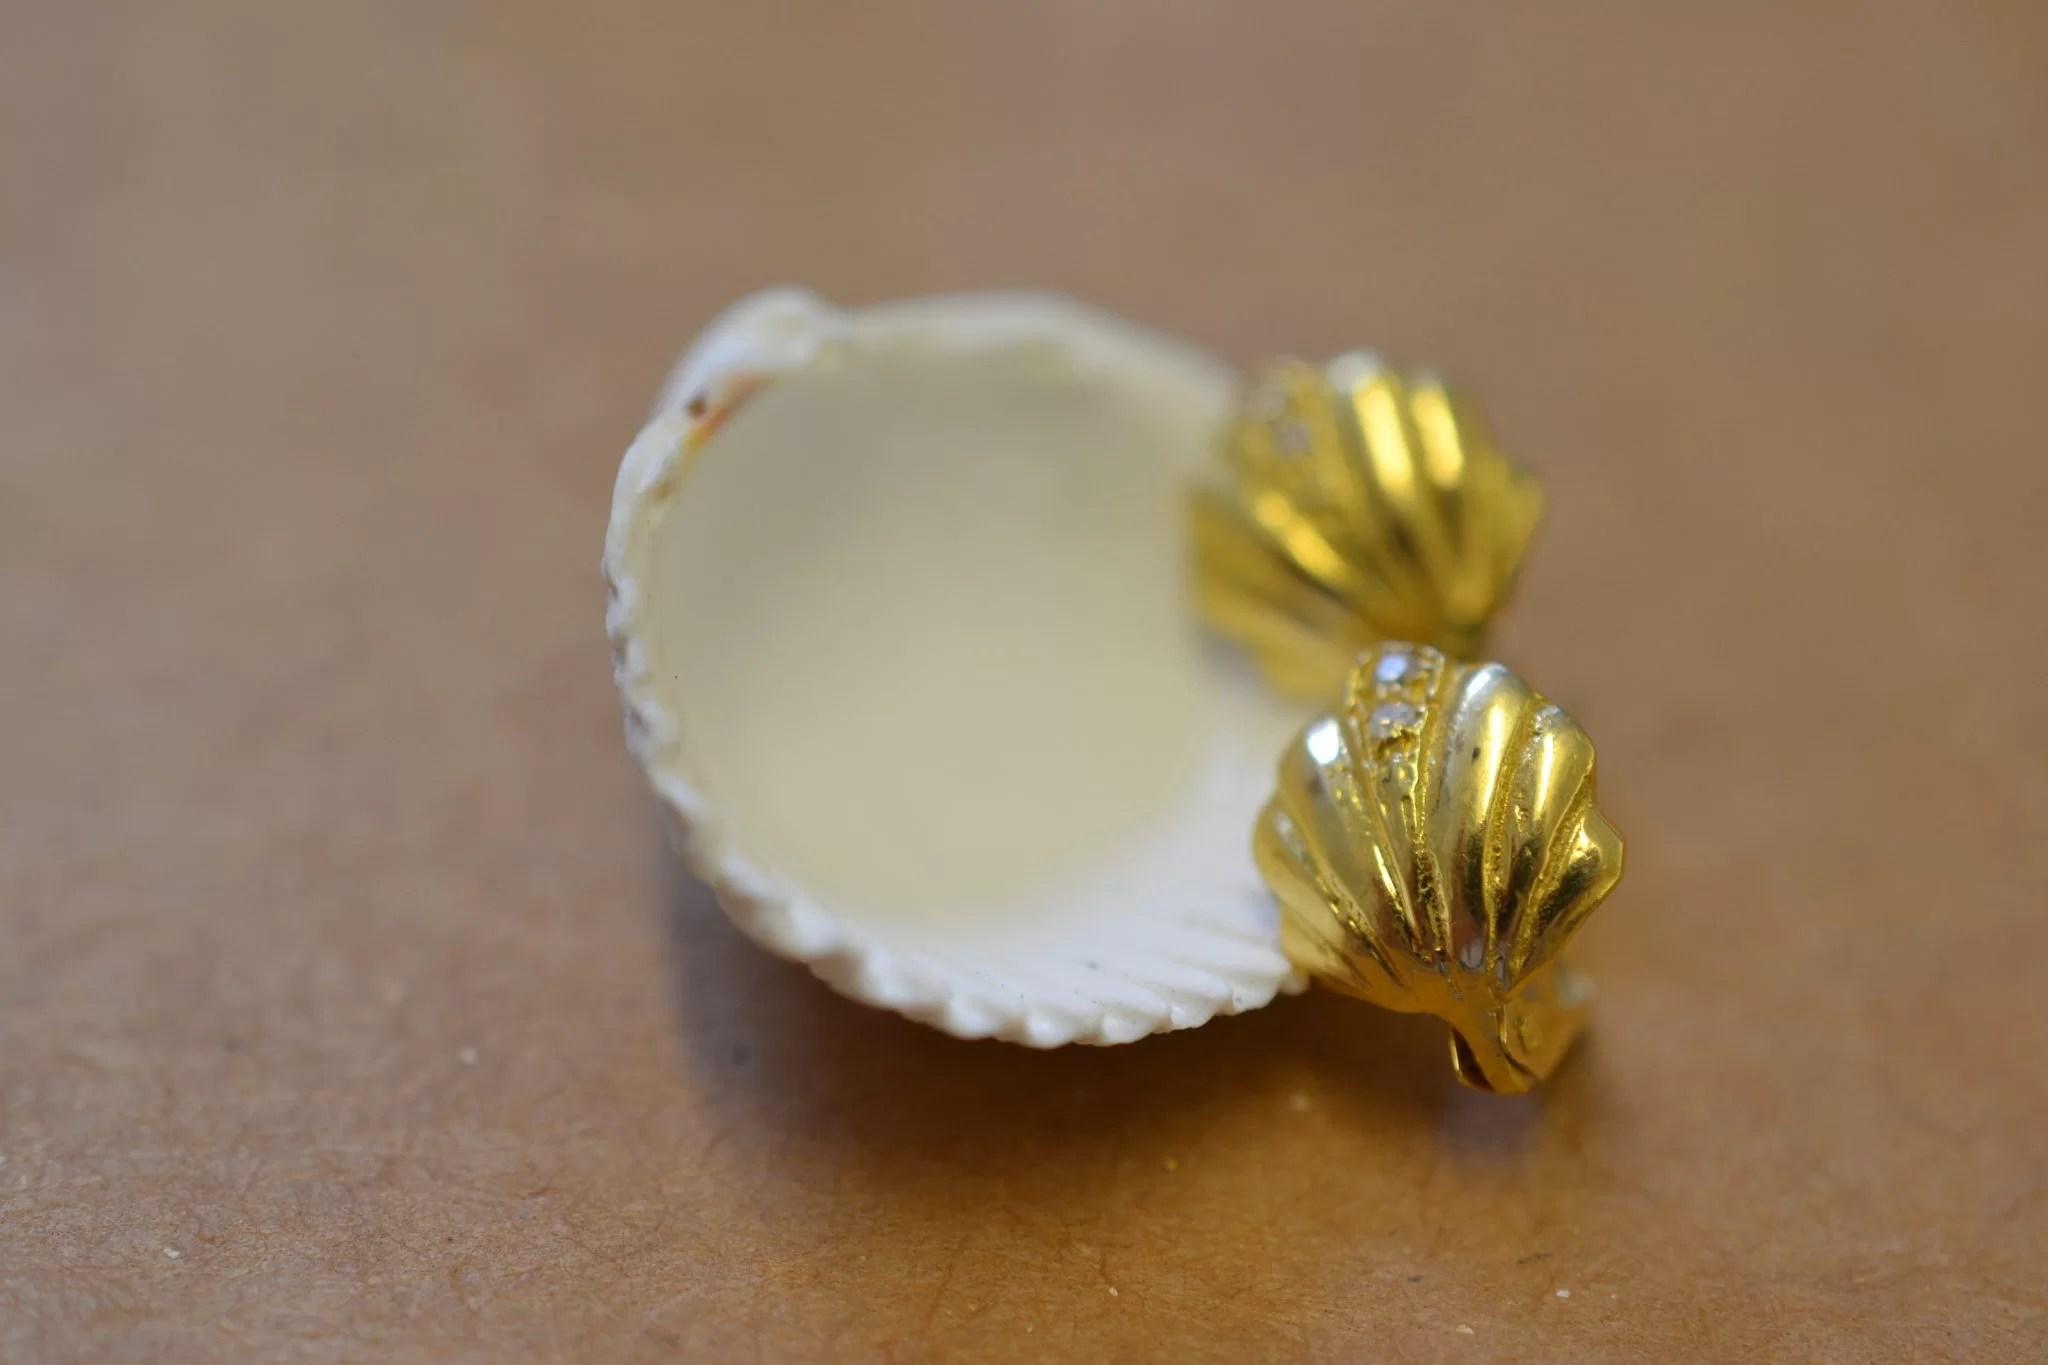 boucles d'oreilles anciennes en Or - coquillages et pierres blanches - bijoux vintage ecoresponsables